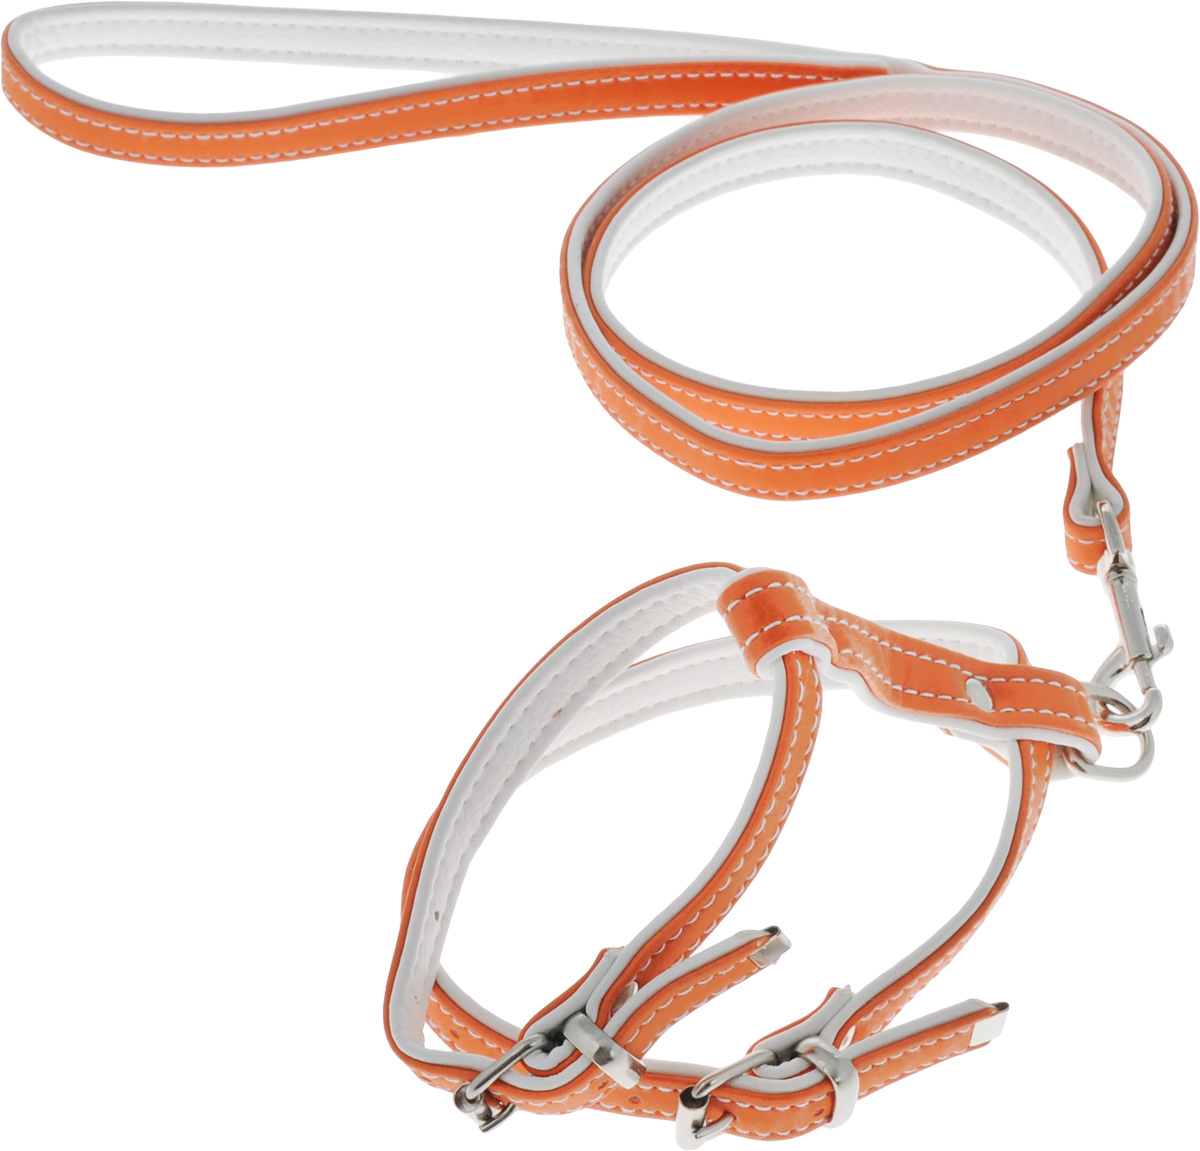 Комплект для животных Аркон Техно, цвет: оранжевый, белый, 2 предмета0120710Комплект для животных Аркон Техно состоит из шлейки и поводка. Изделия изготовлены из искусственной кожи, фурнитура - из сверхпрочных сплавов металла. Надежная конструкция обеспечит вашему четвероногому другу комфортную и безопасную прогулку.Такой комплект подходит как для кошек, так и для мелких пород собак. Длина поводка: 1,1 м.Ширина поводка: 1,4 см.Обхват шеи: 18,5 - 25 см. Обхват груди: 29 - 35,5 см.Длина спинки: 10,5 см.Ширина ремней: 1,4 см; 1,6 см.